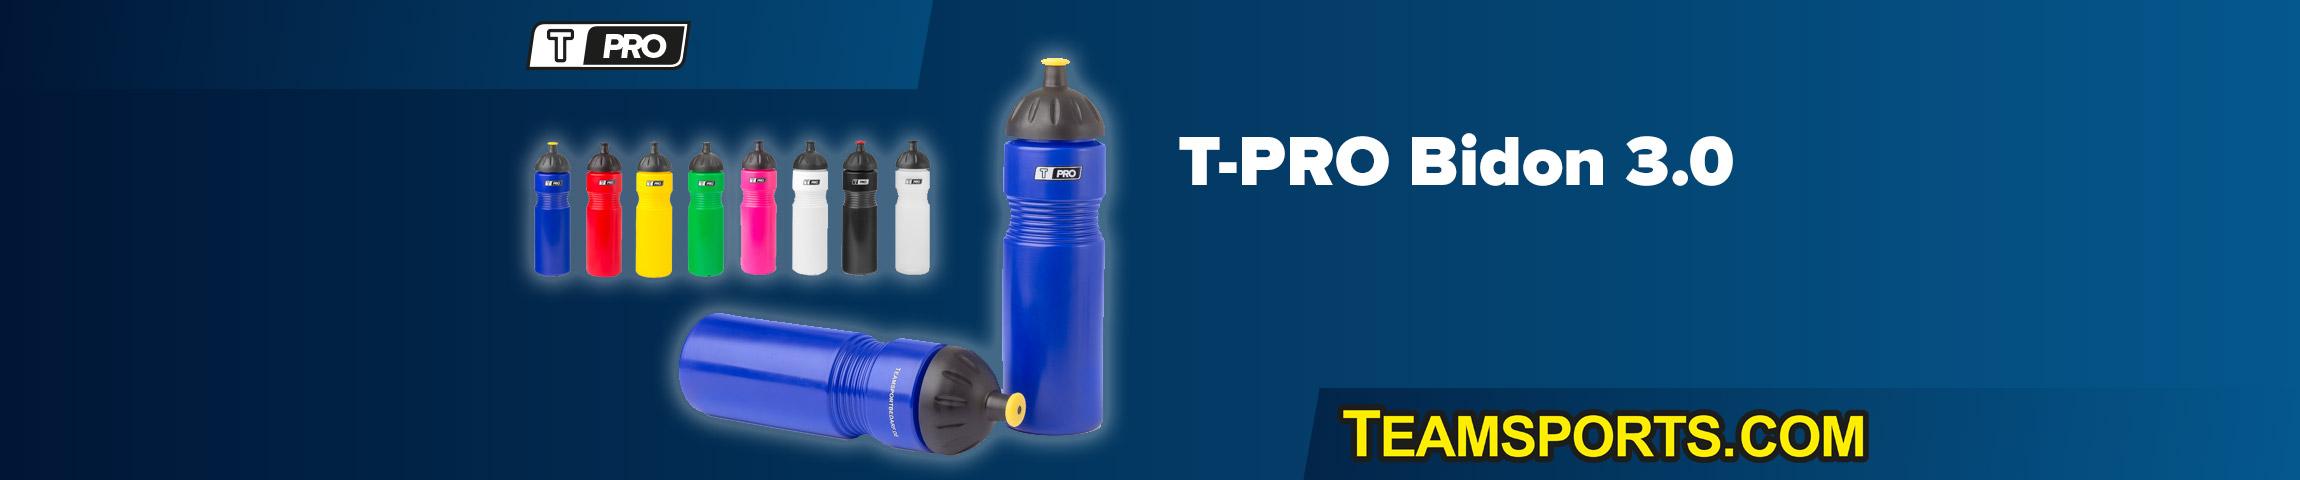 T-PRO Bidon 3.0-750 ml (8 kleuren)